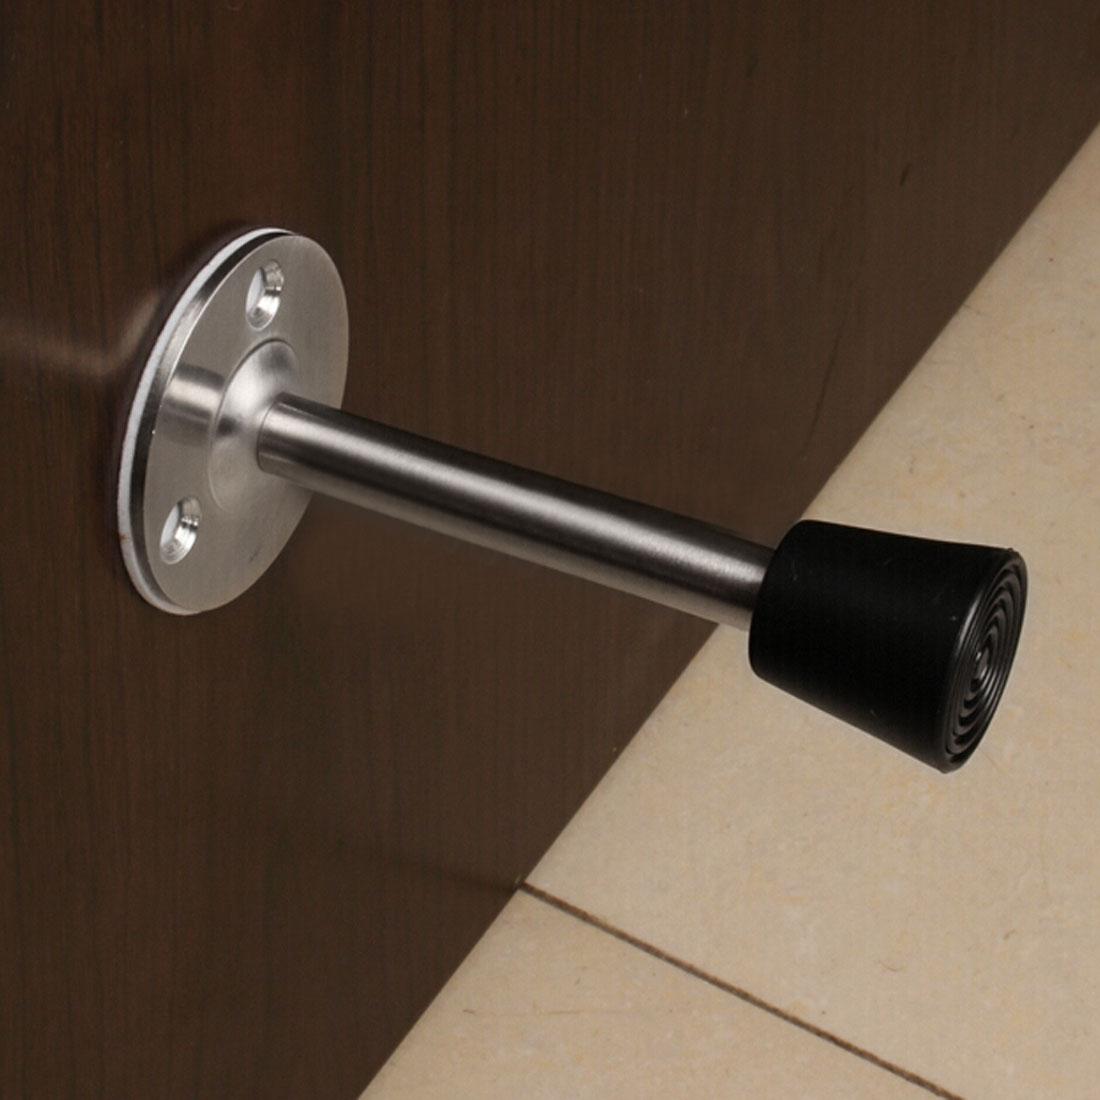 46mm Diamètre 200mm Base Hauteur mur monté Doorstop Métal tampon butoir de porte - image 1 de 5